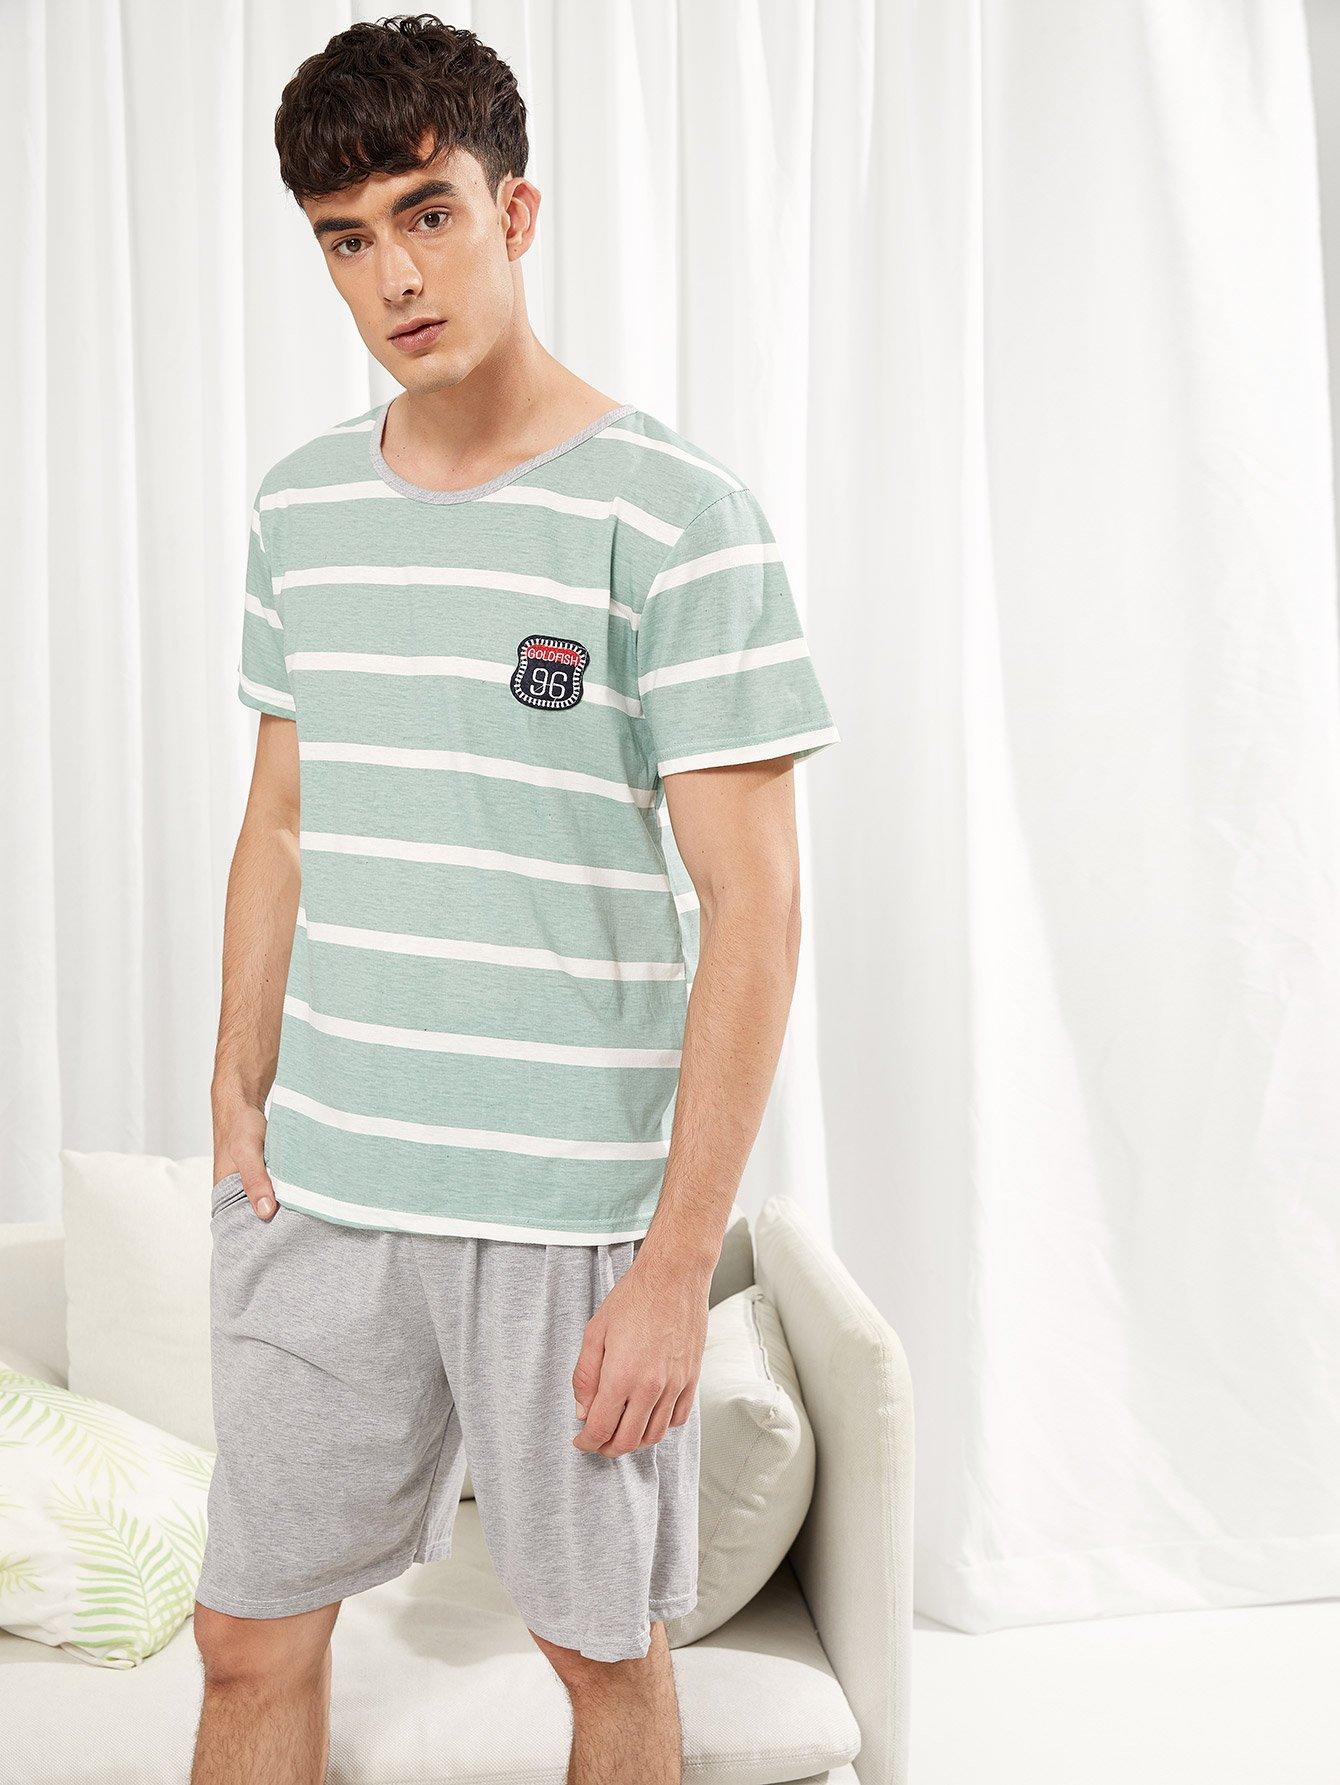 Купить Набор полосатой пижамы и с рисунками буквы вышивки для мужчины, Antonio, SheIn